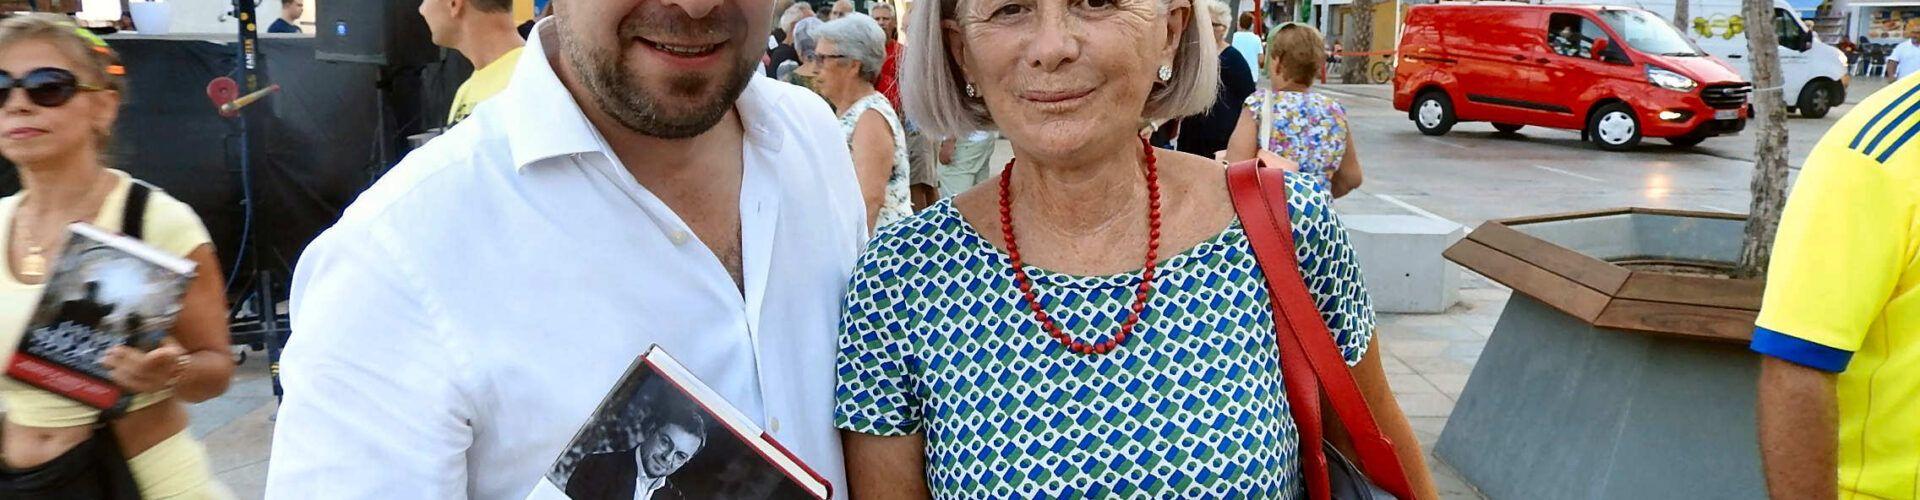 Vuelve Petra Delicado, la detective de la Premio Planeta Alicia G.Bartlett, vecina de Vinaròs